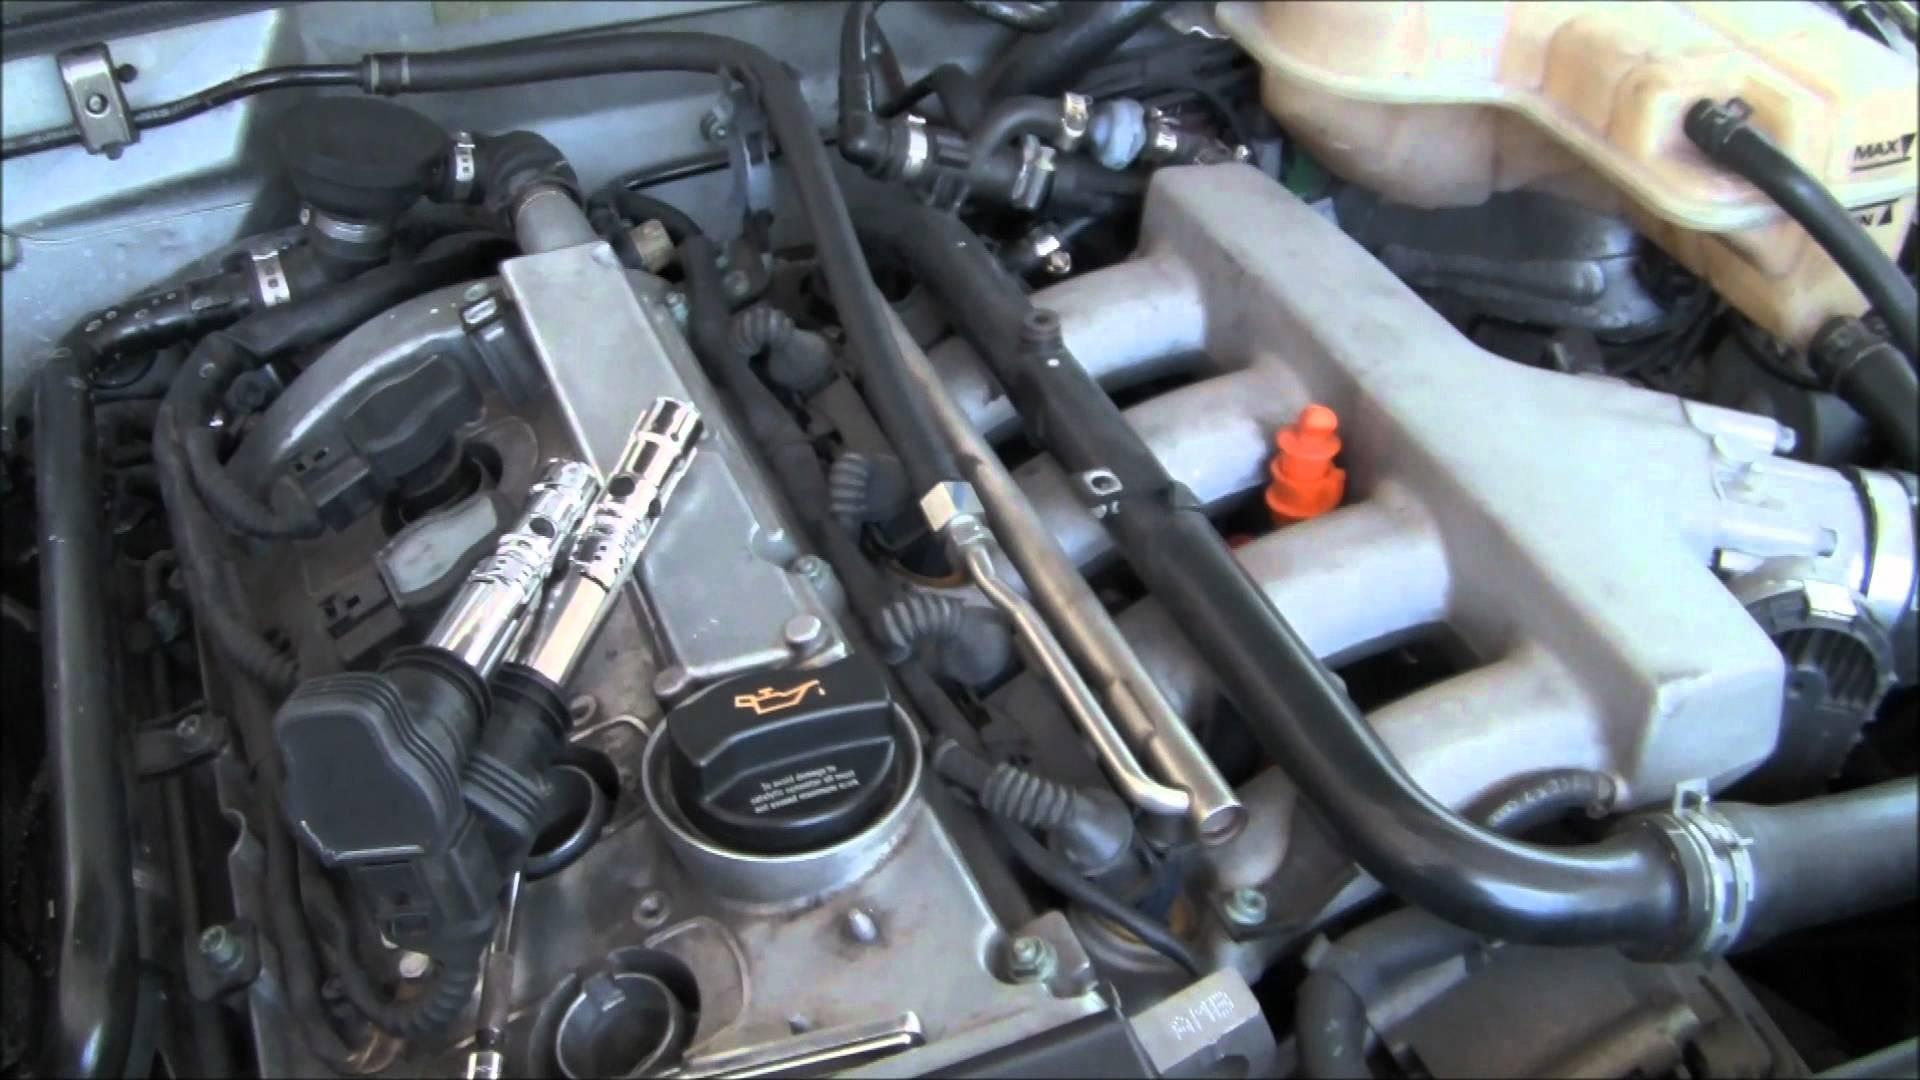 Audi A3 Engine Diagram 2004 Audi A4 Coolant Flange Replacement Part 1 Of Audi A3 Engine Diagram